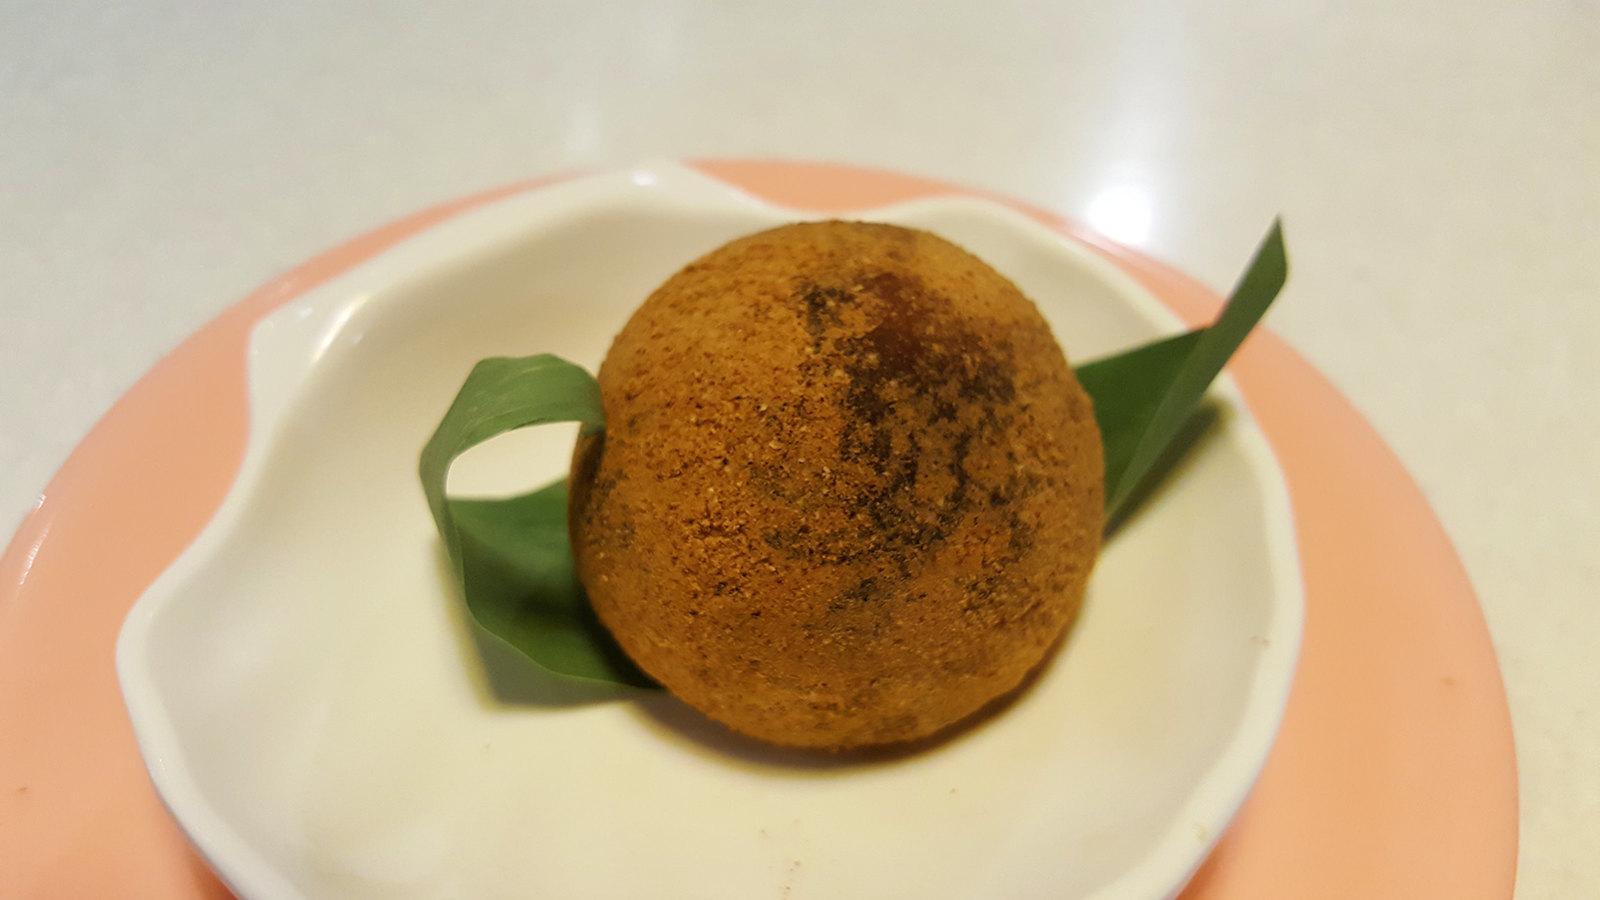 爭鮮 手信坊 黑糖雪菓 (花生)